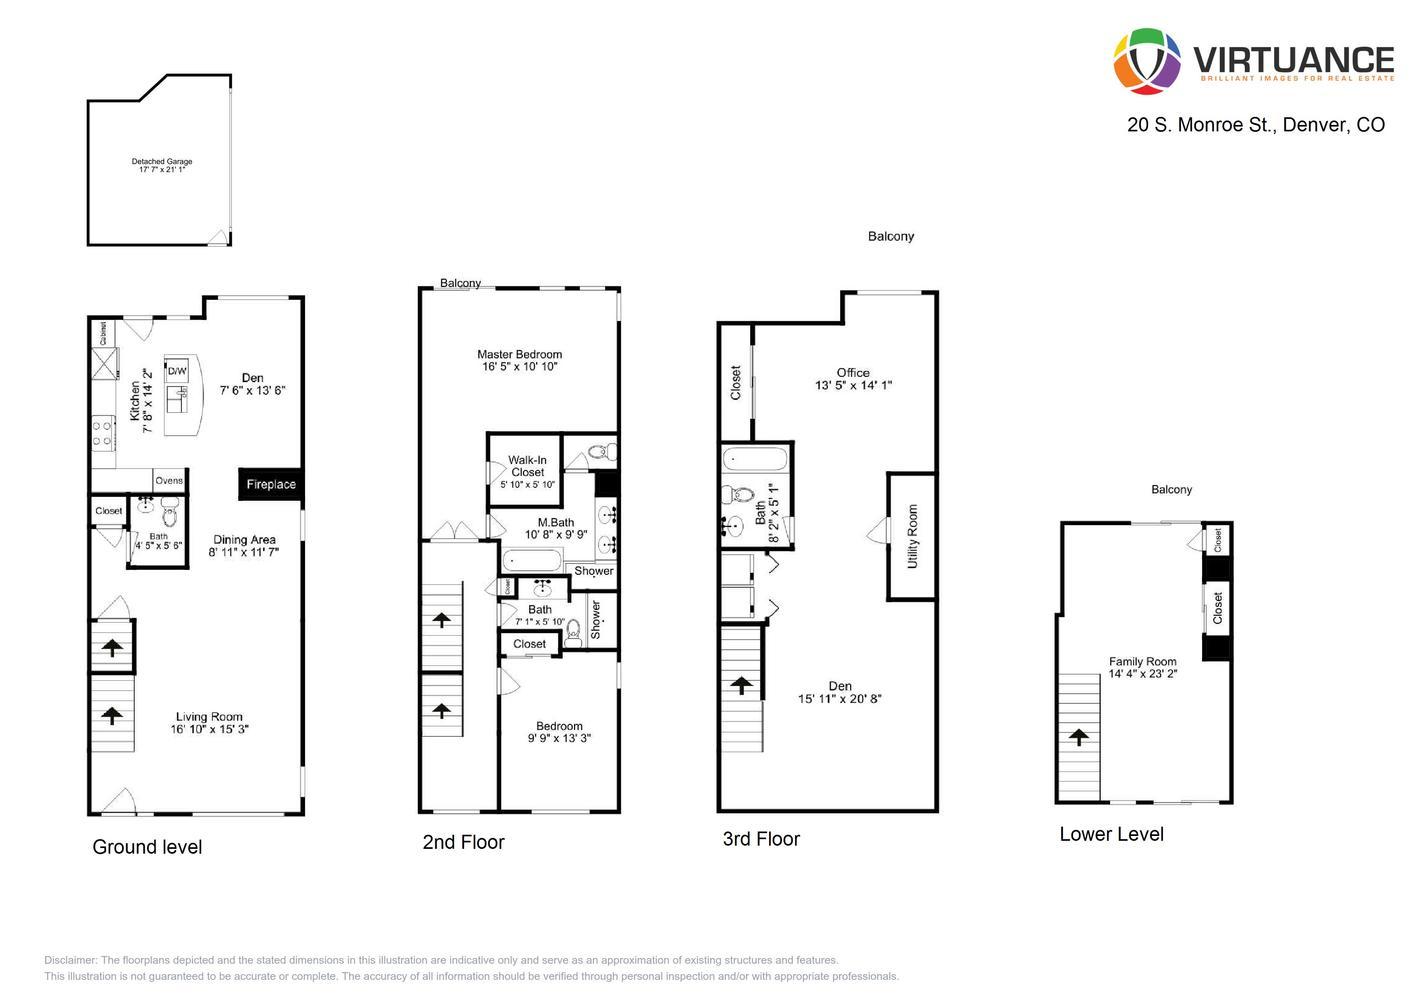 20 S Monroe St Denver CO 80209-large-049-50-Floorplan-1414x1000-72dpi.jpg